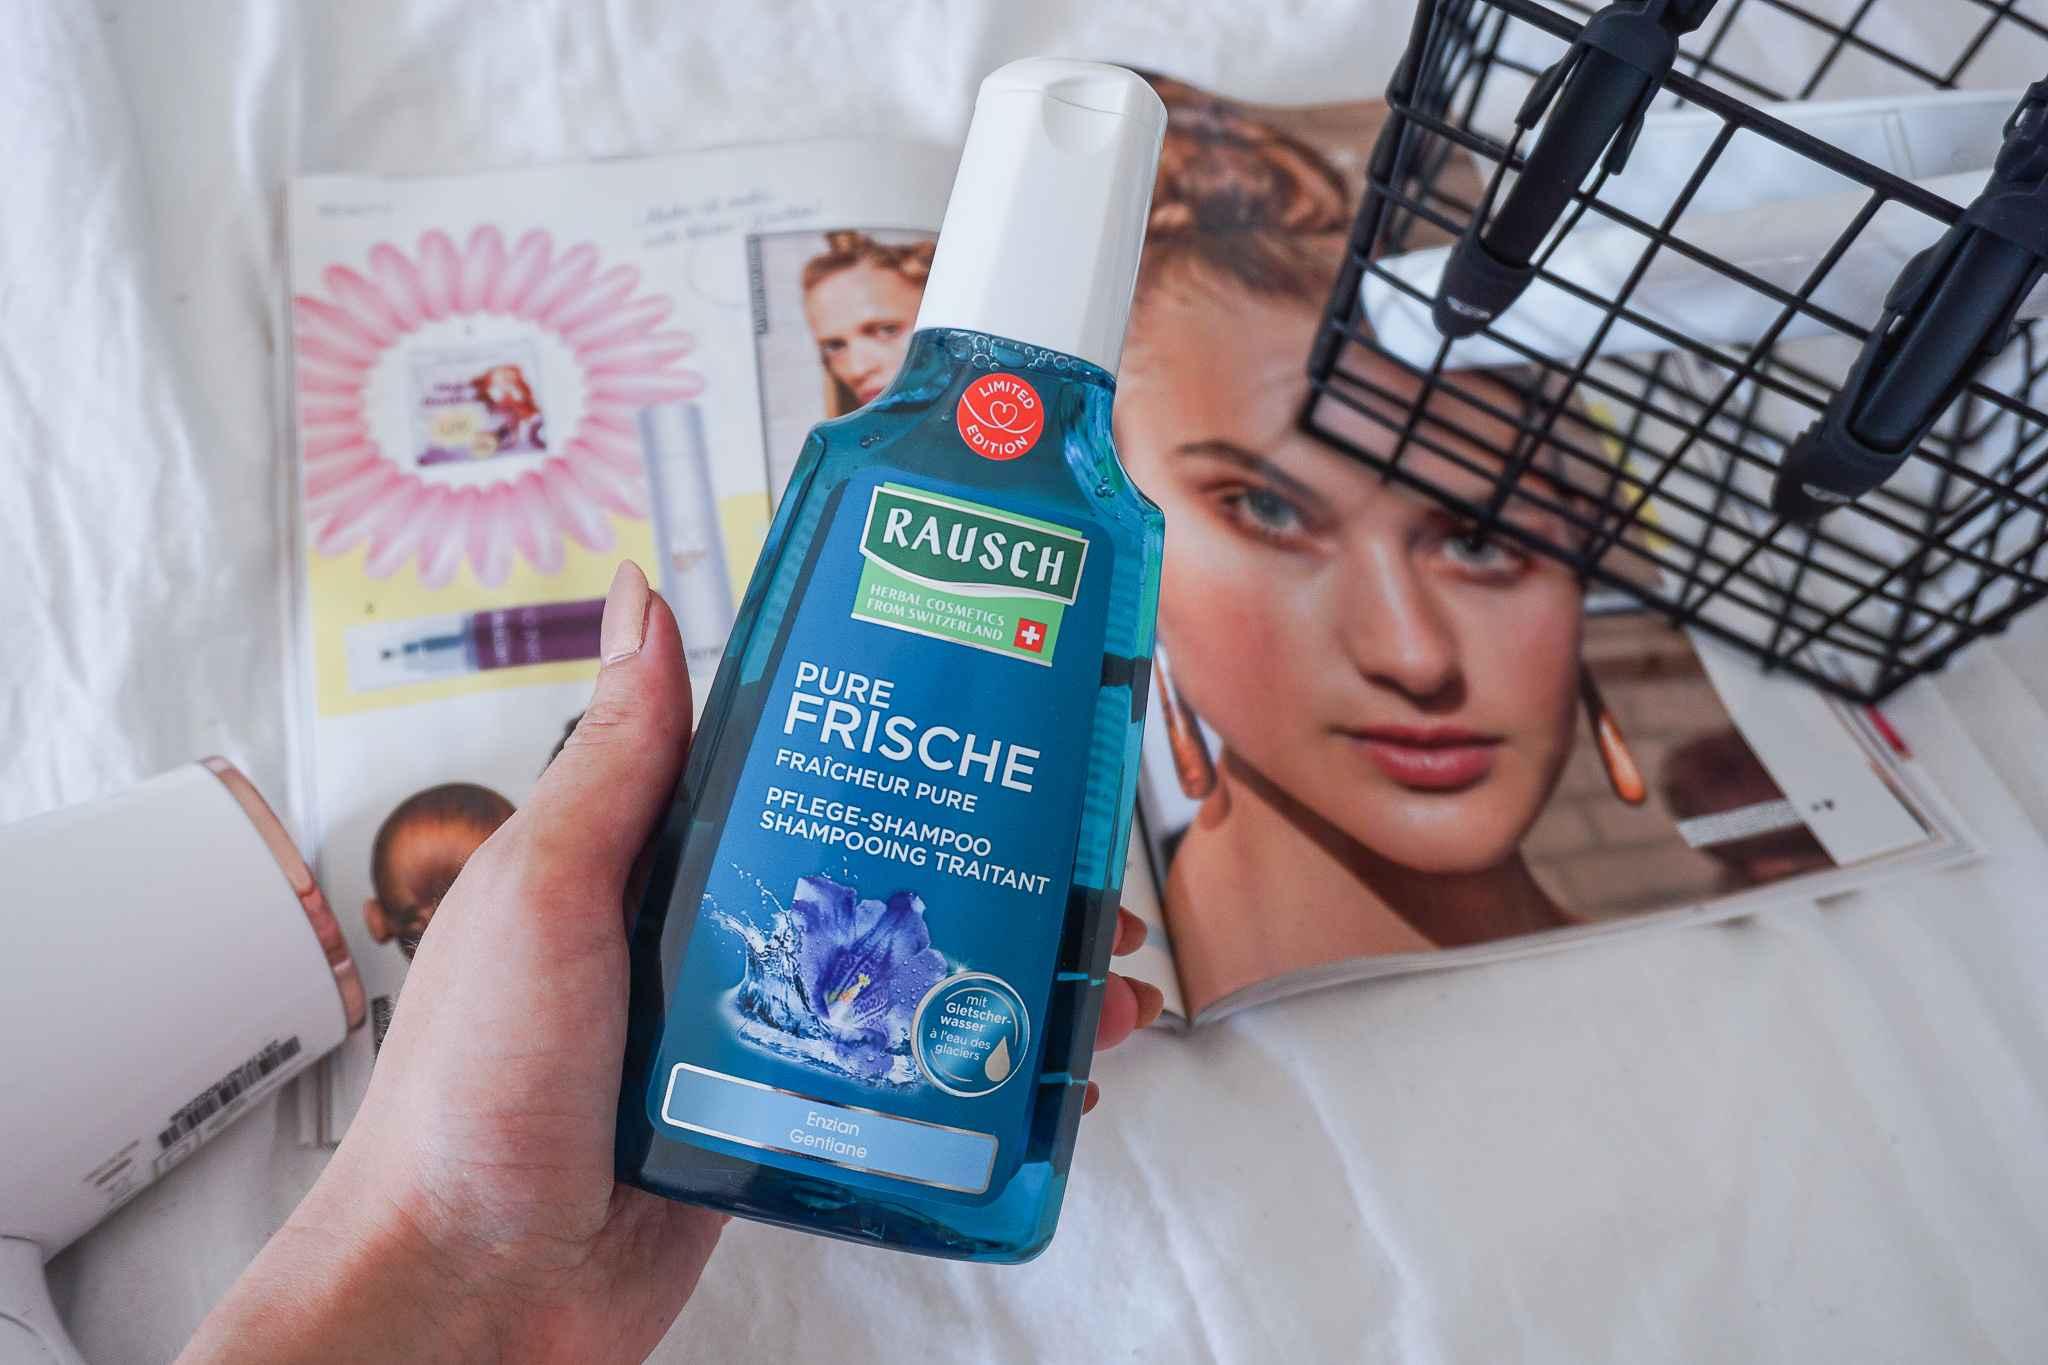 Rausch Shampoo Pure Frische Review